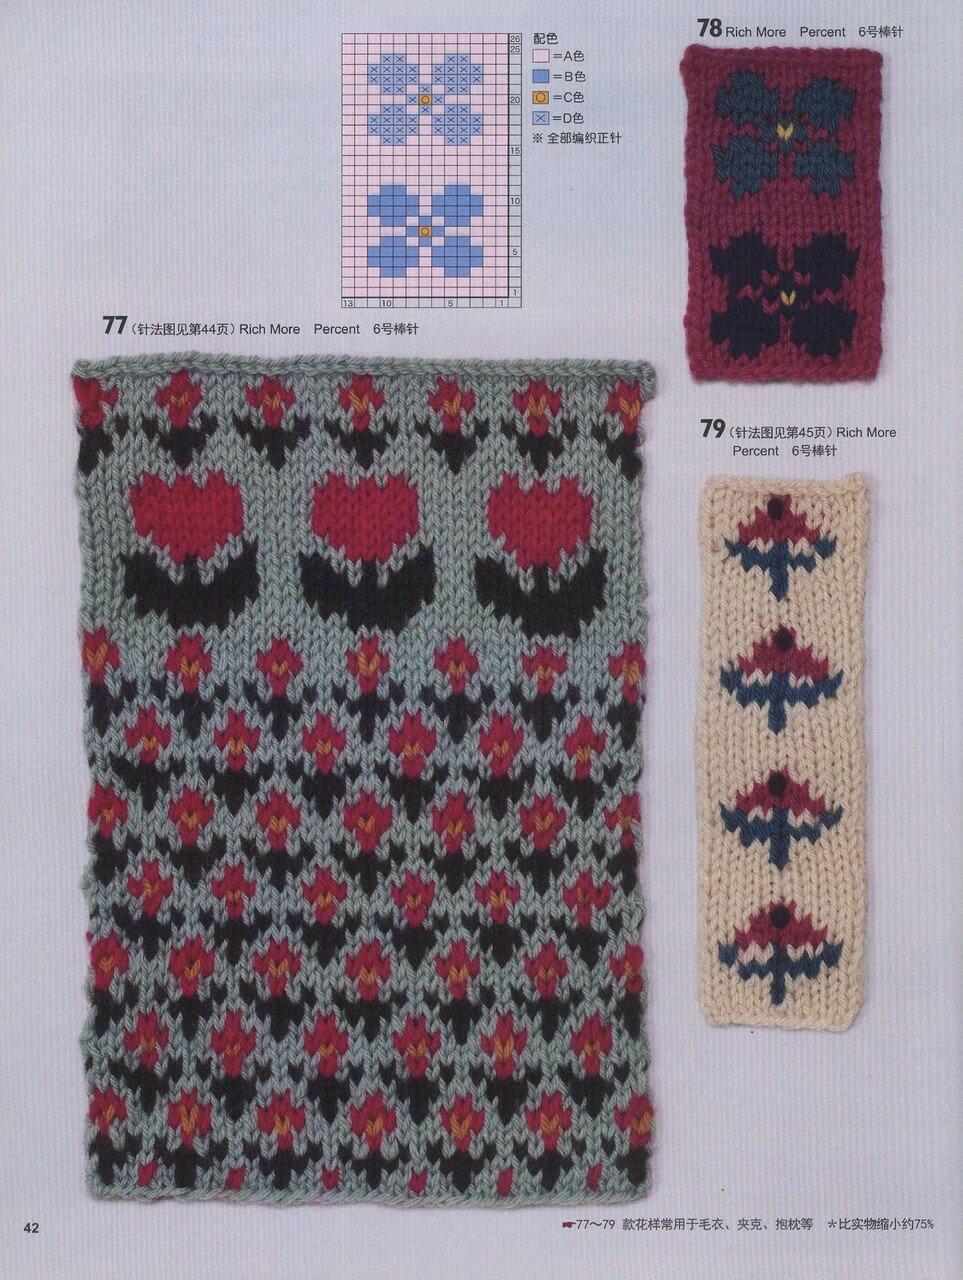 150 Knitting_44.jpg